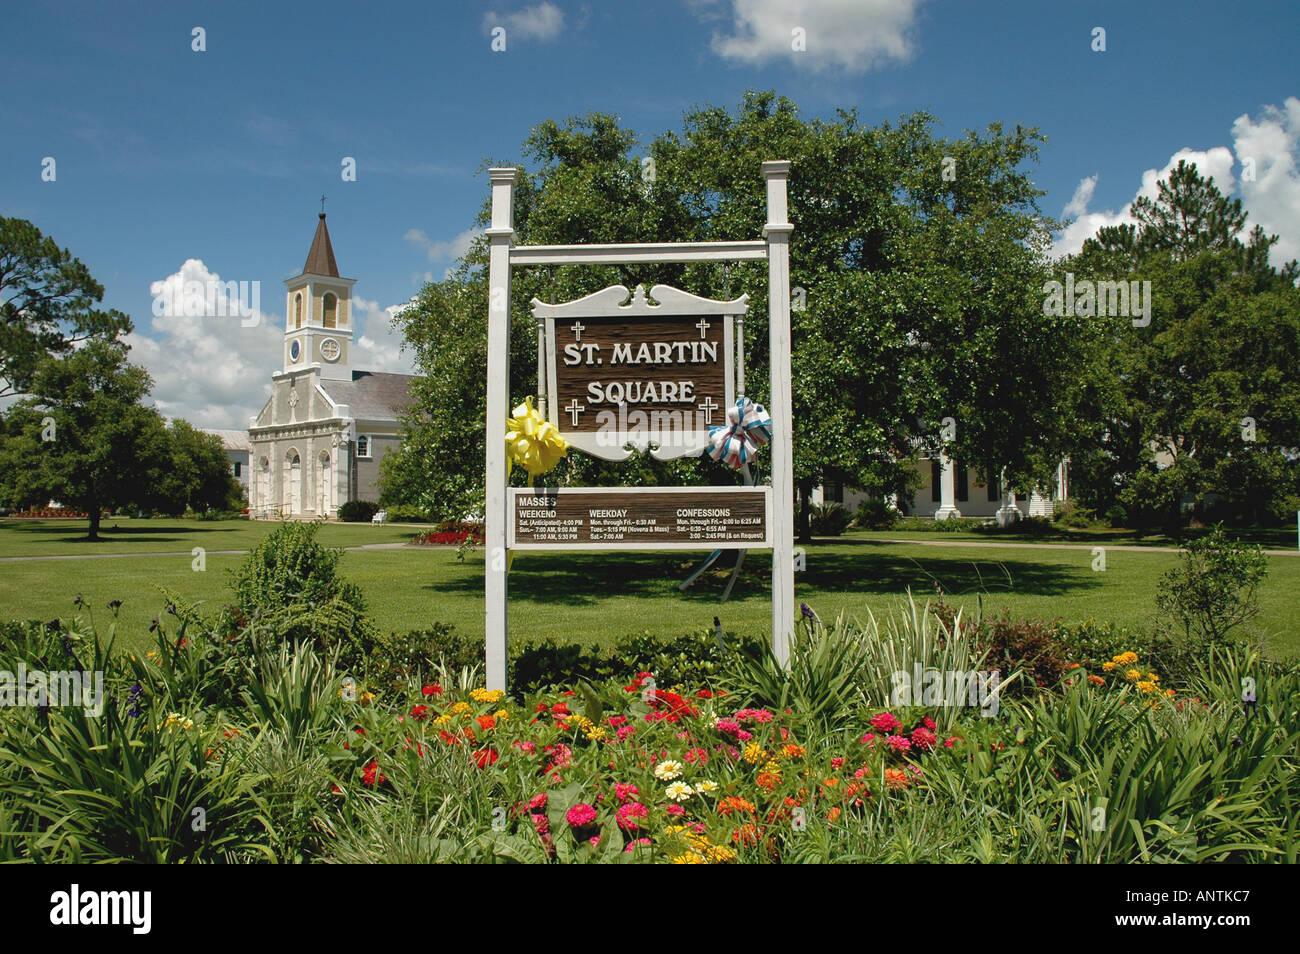 Louisiana la Lafayette cajun country acadiana st martin square st martinville - Stock Image